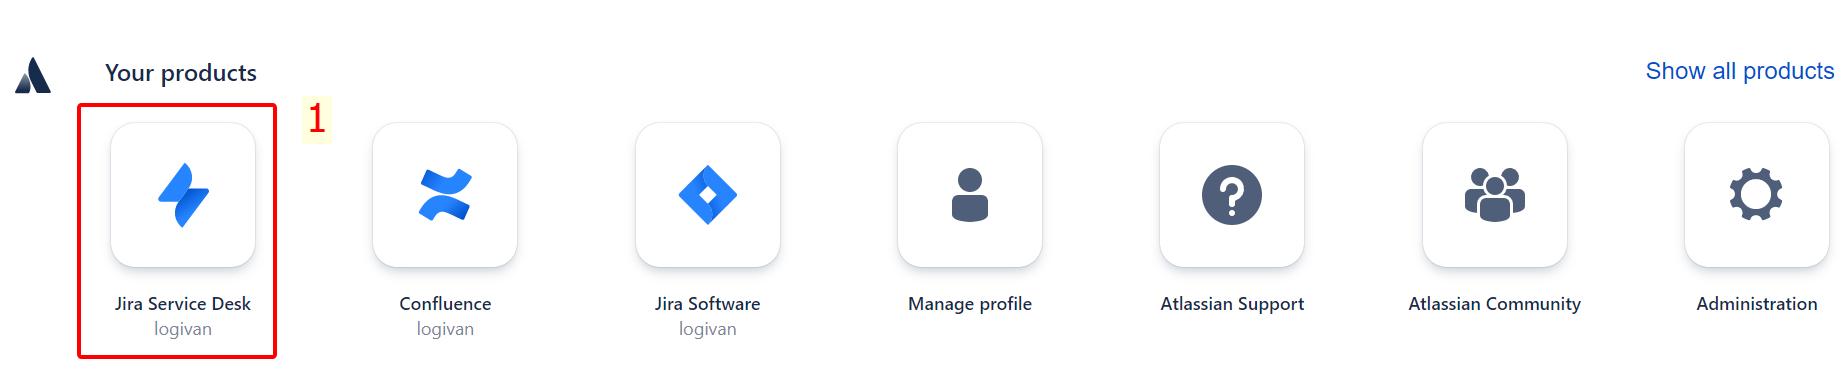 ITFORVN.COM 3 Hướng dẫn sử dụng Jira Service Desk cho quản trị viên jira service desk itsm itil